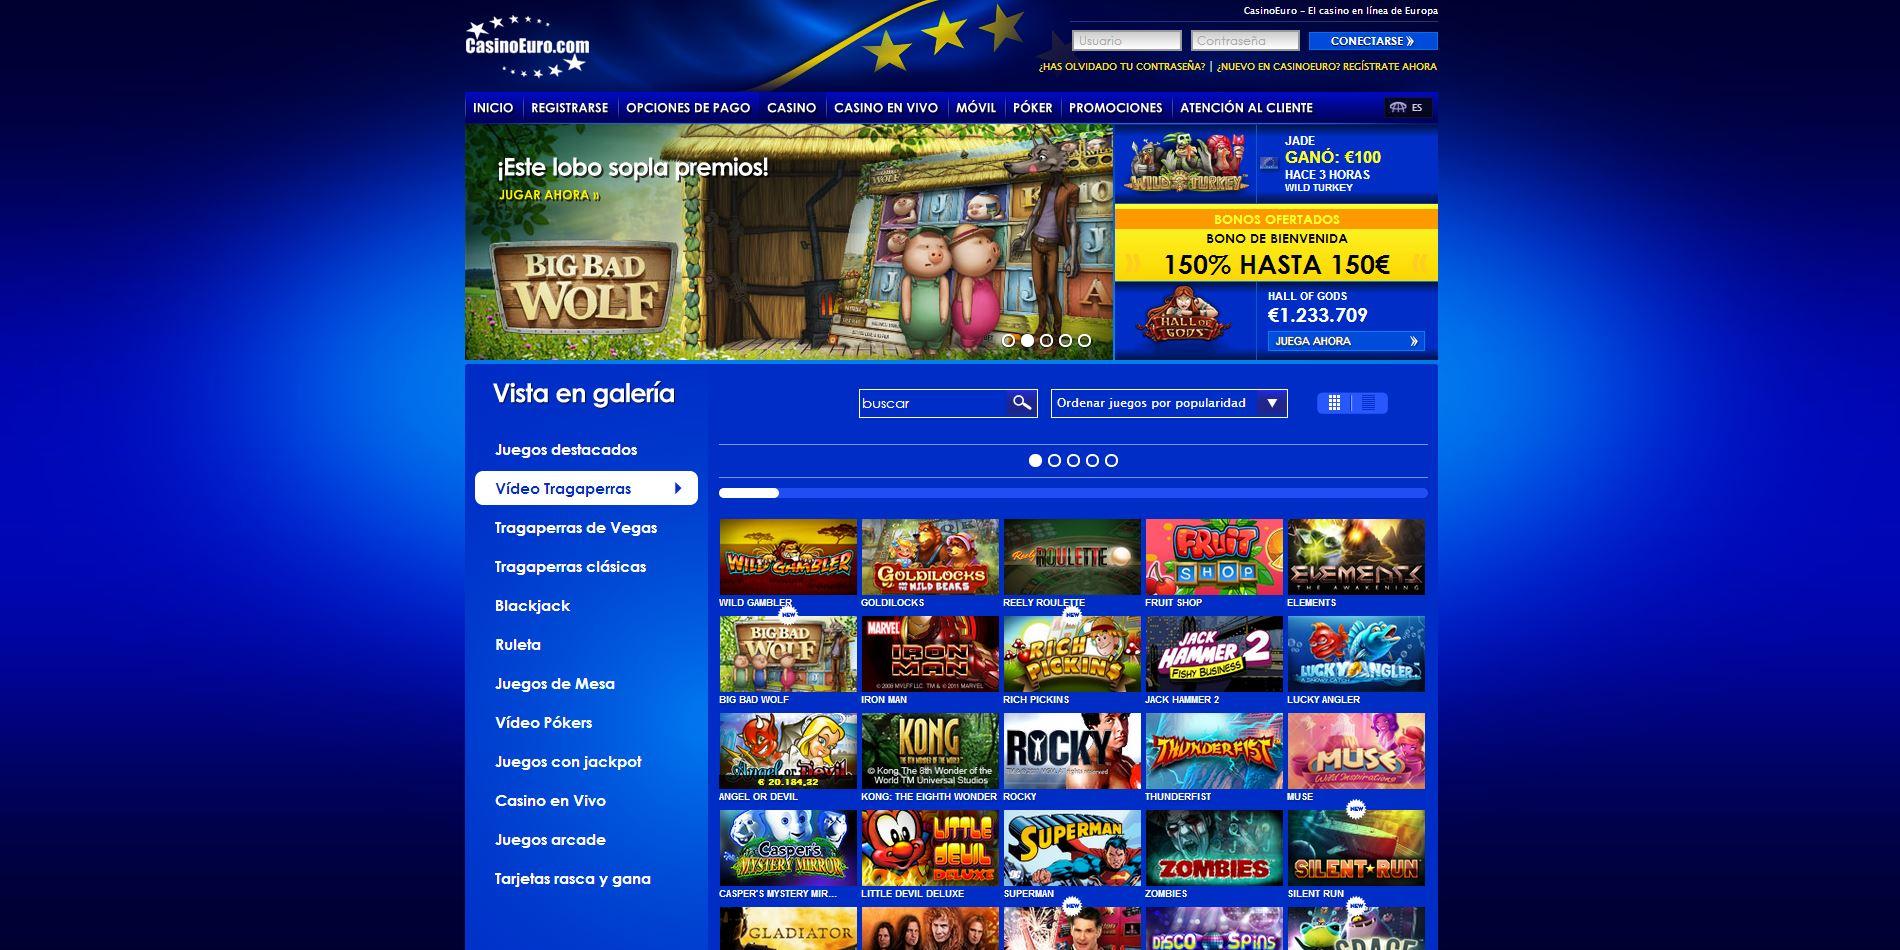 Casino online 70 tiradas gratis reseña de USA - 24608